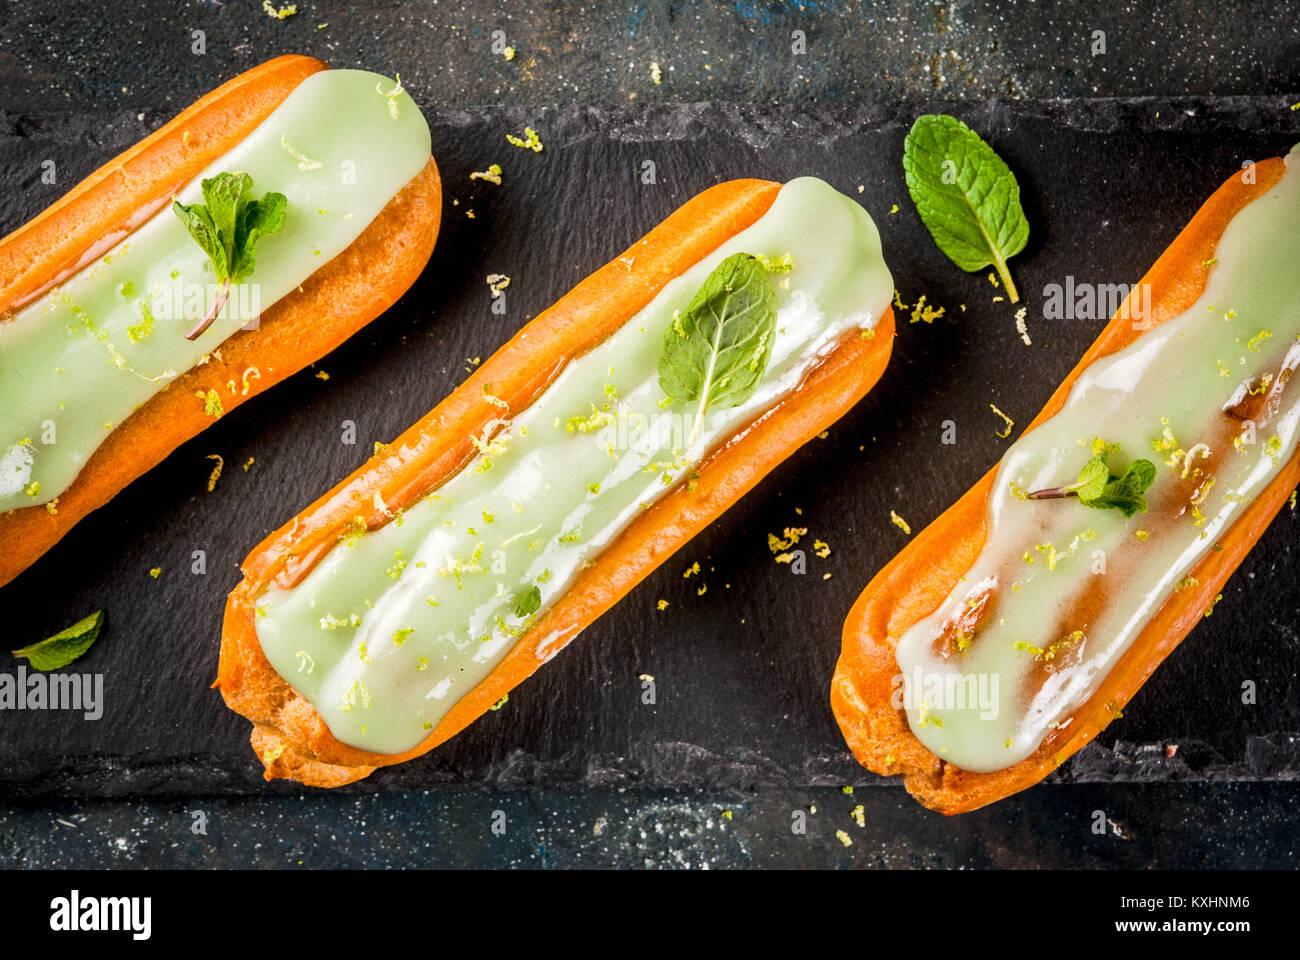 Postre tradicional francés. Mojito Eclairs con la ralladura de limón y hojas de menta, sobre fondo azul Imagen De Stock